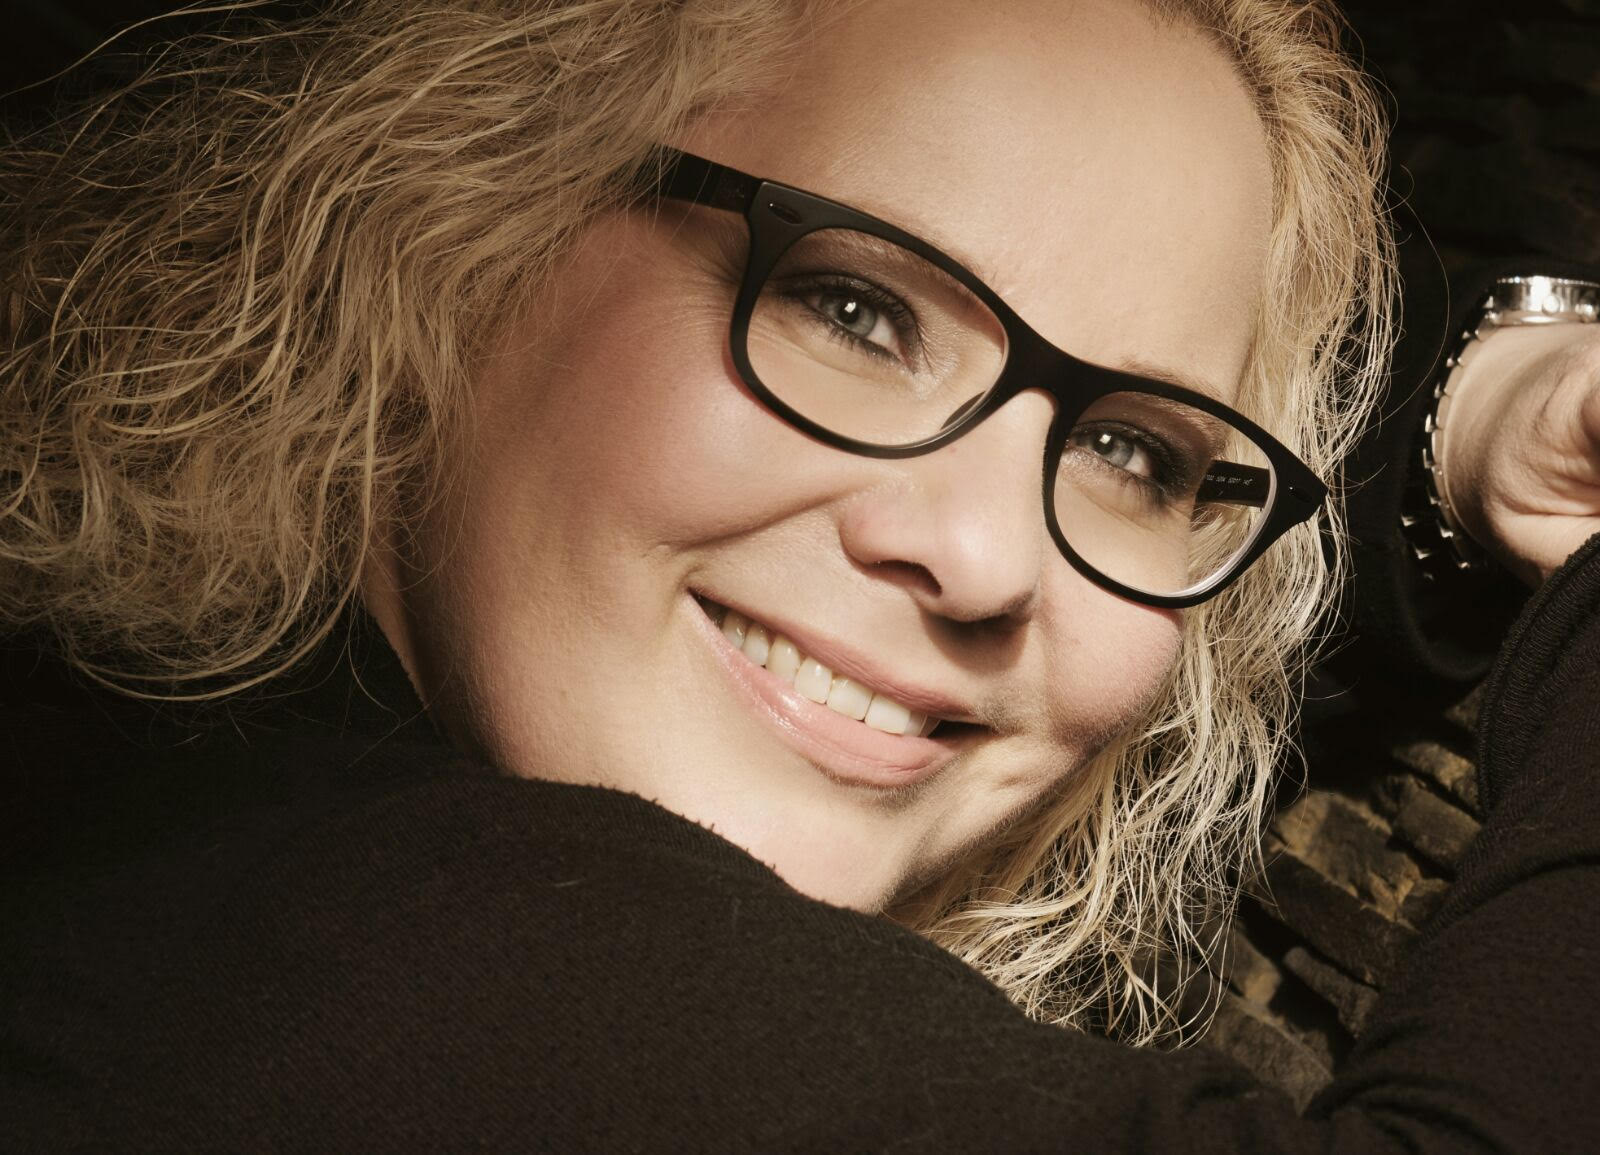 Sangerin Helen Spielt Gitarre Sie Ist Djane Hochzeitsrednerin